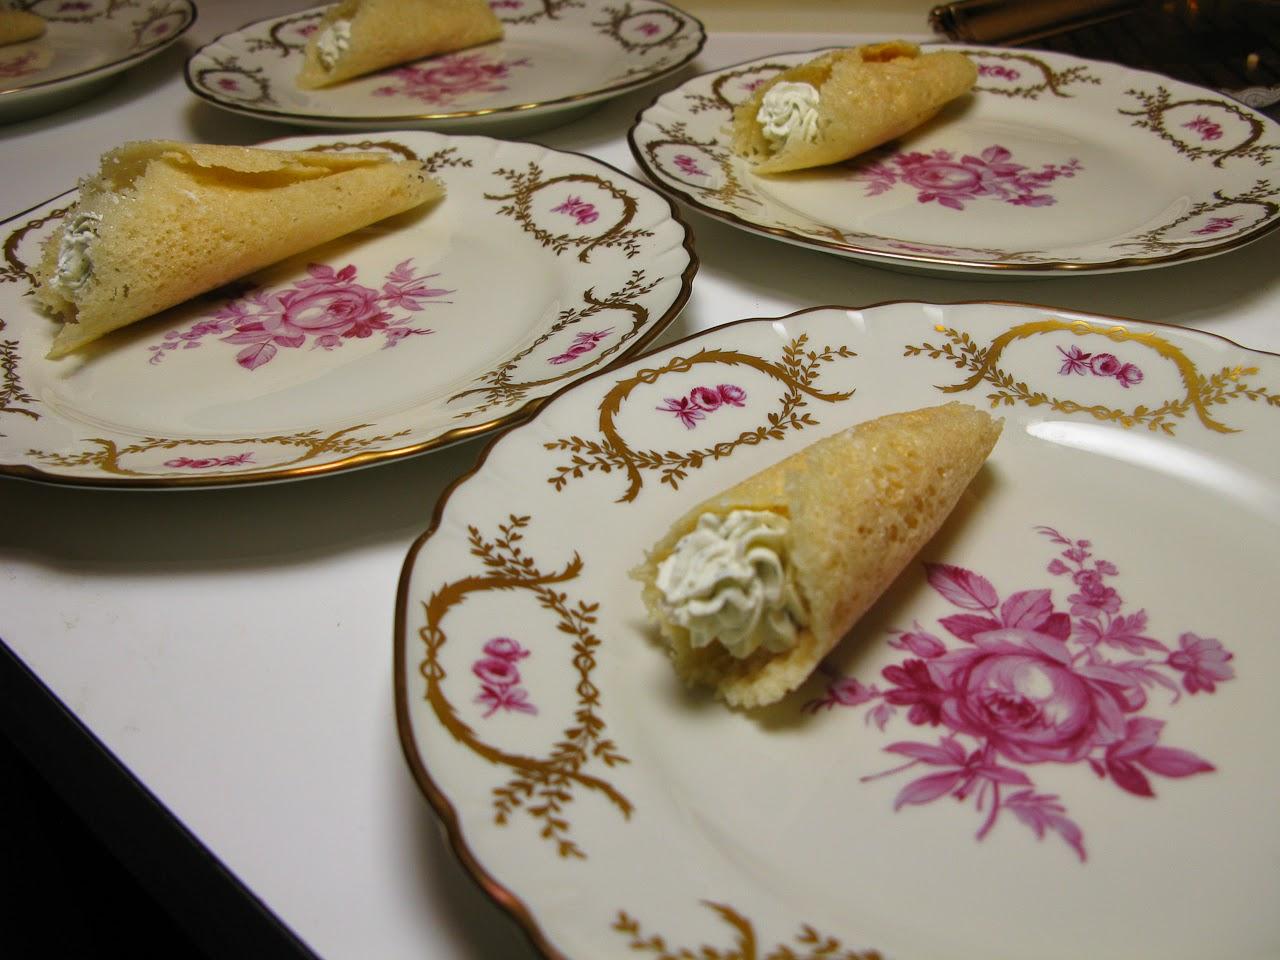 mousse aromatica di formaggi